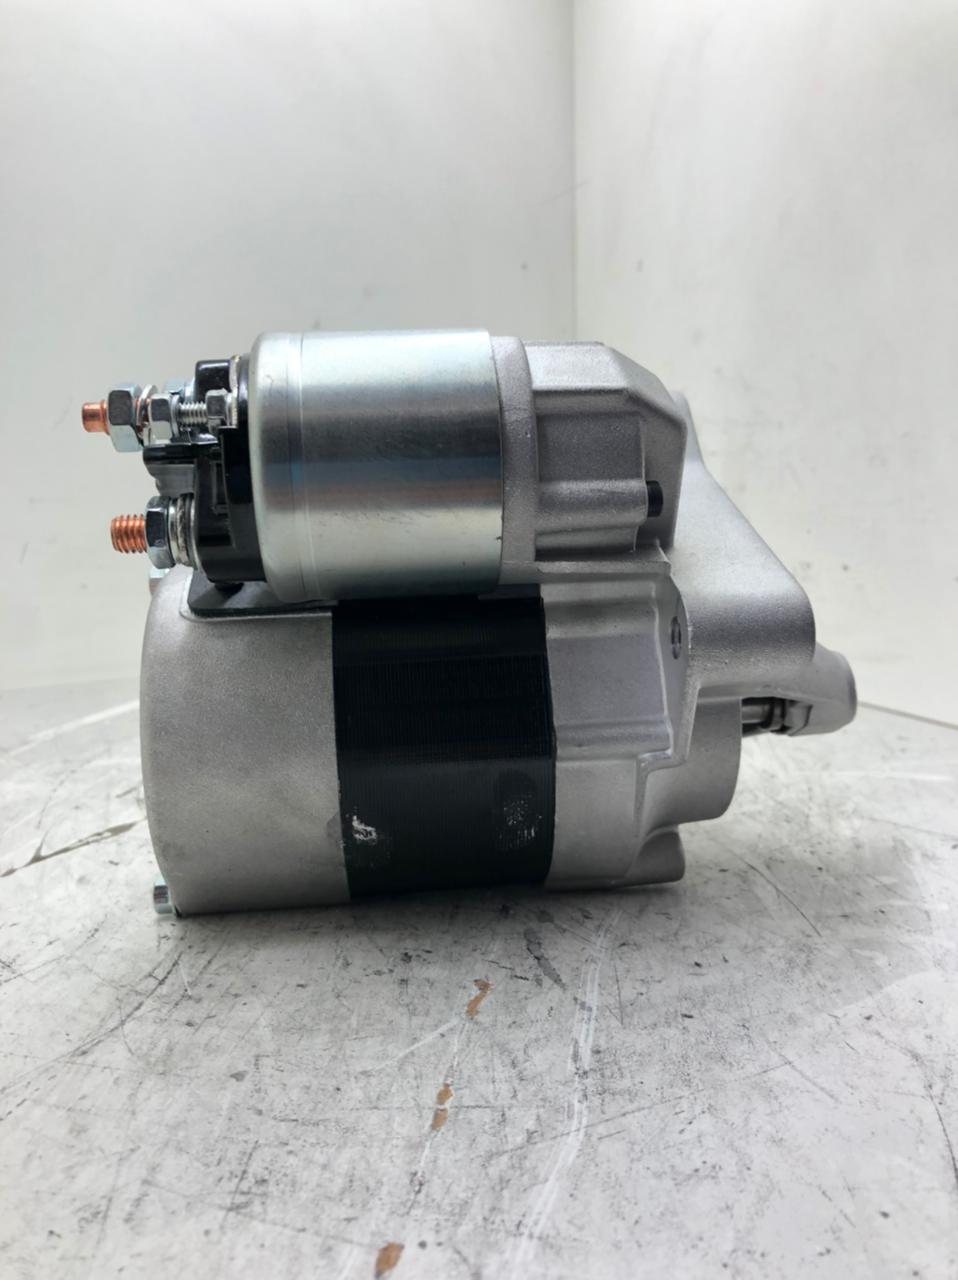 MOTOR DE PARTIDA ARRANQUE RENAULT CLIO SCENIC 16V 1.6 8D 12 VOLTS  D7E11 1005381394 438128 AEC11044